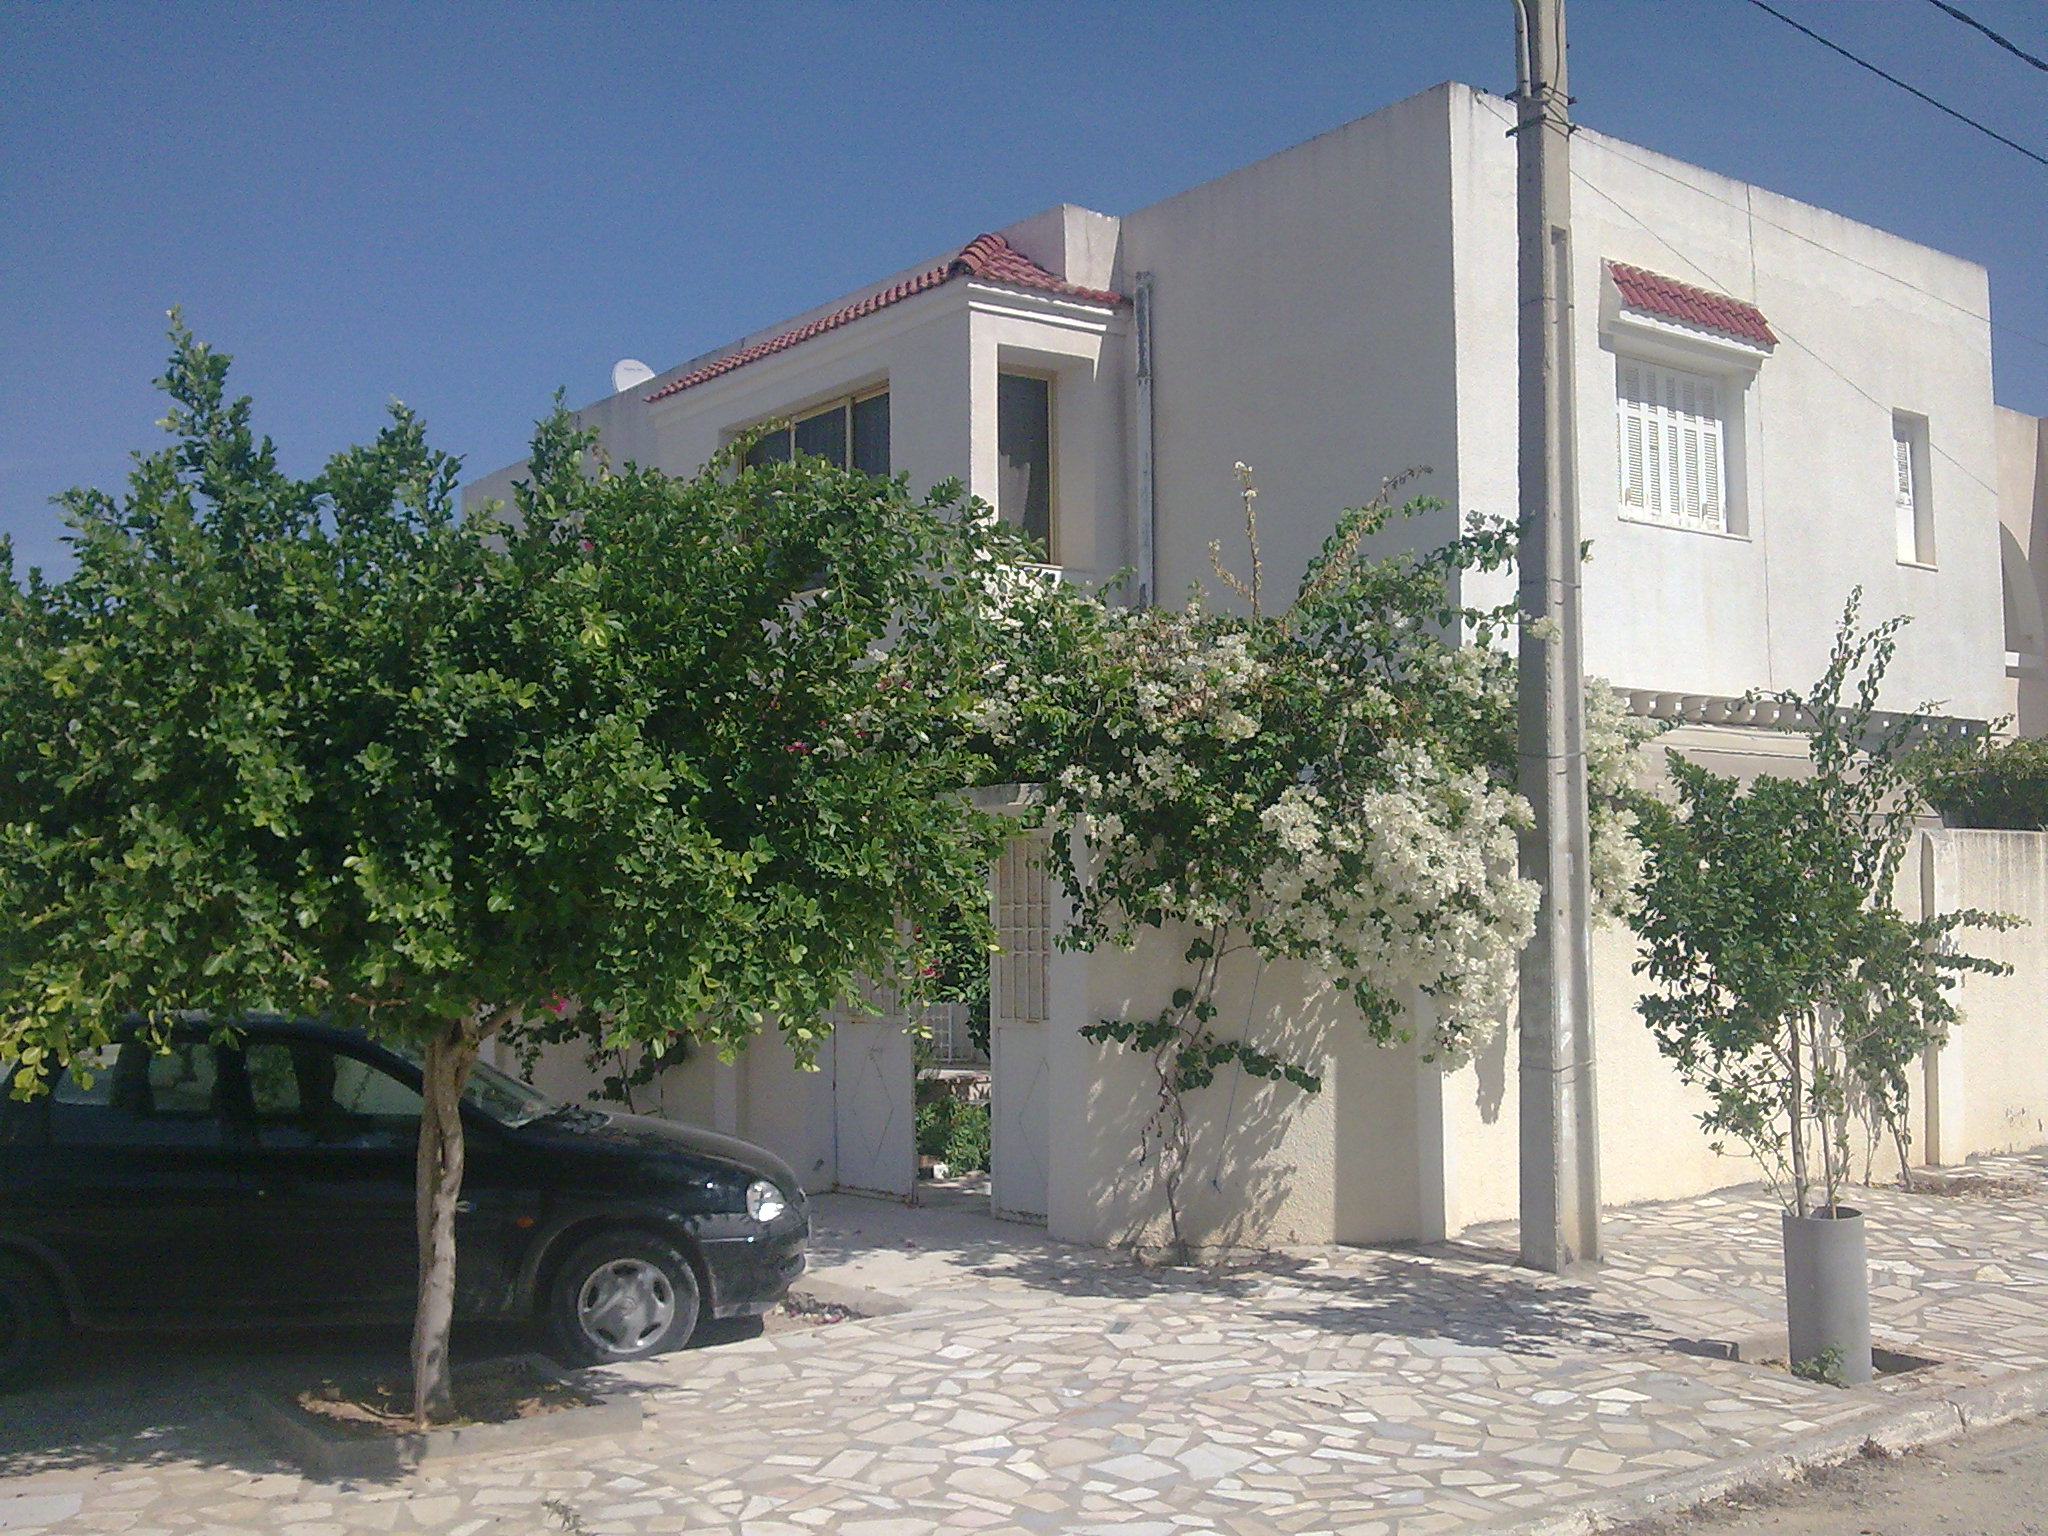 Vente villa tunisie des villas a vendre achat ventes for Achat de maison en tunisie